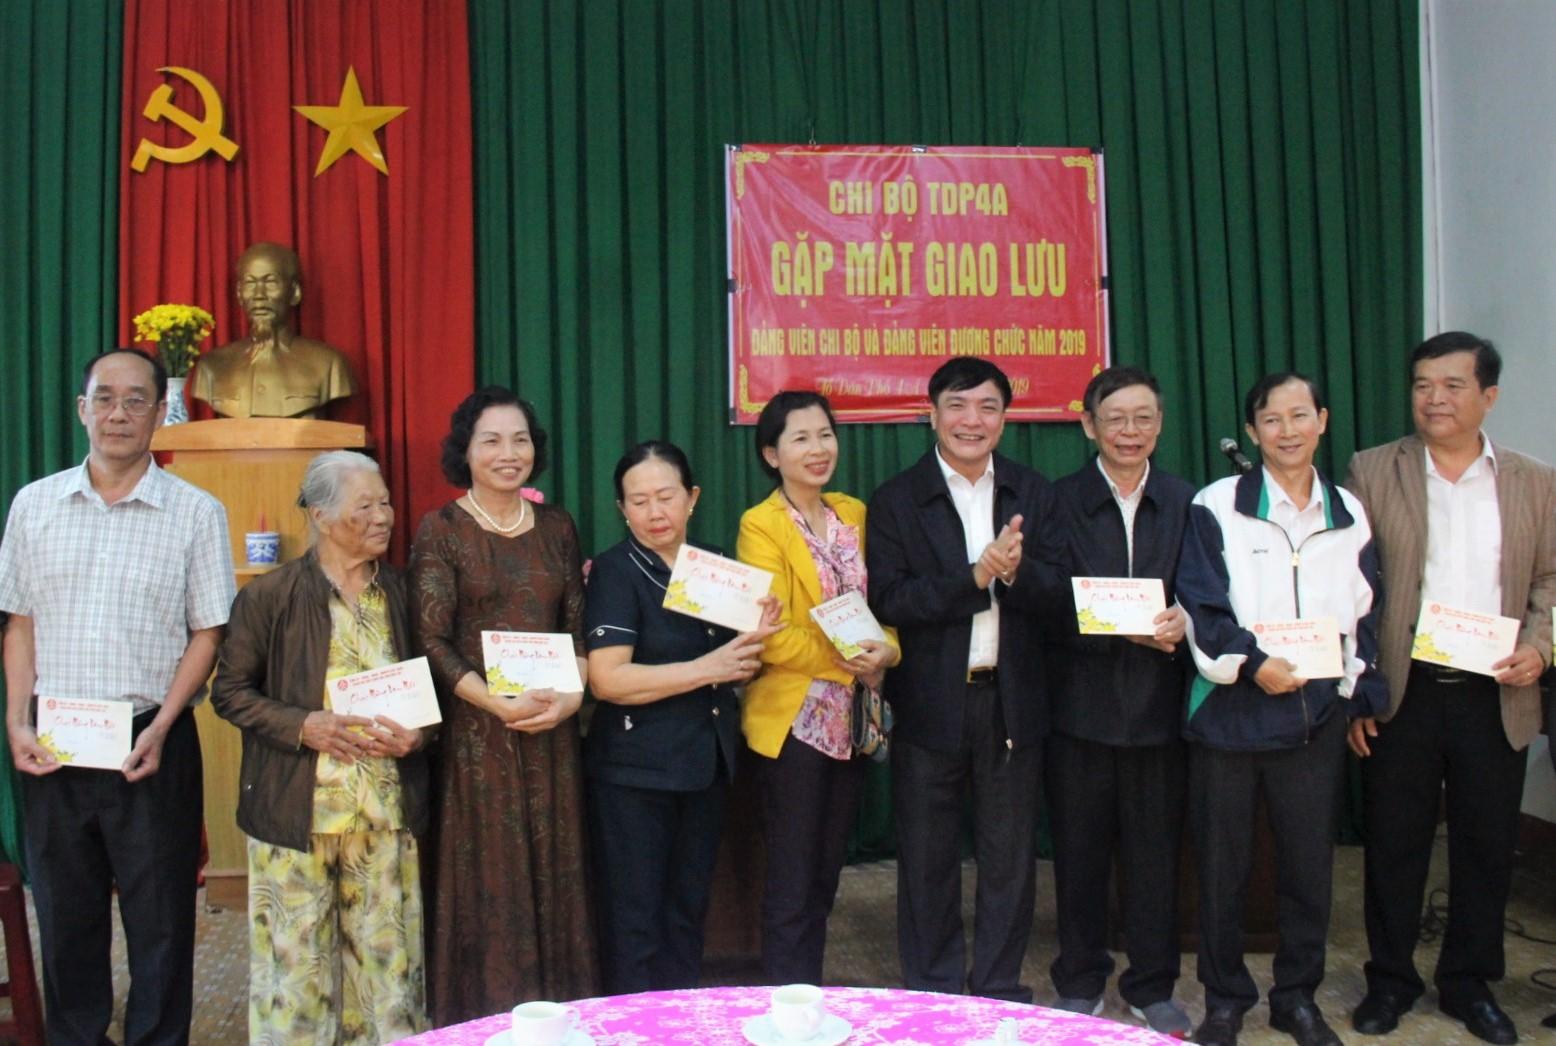 Bí thư Tỉnh ủy Bùi Văn Cường gặp mặt cán bộ, nhân dân Tổ dân phố 4A, phường Tân Lợi